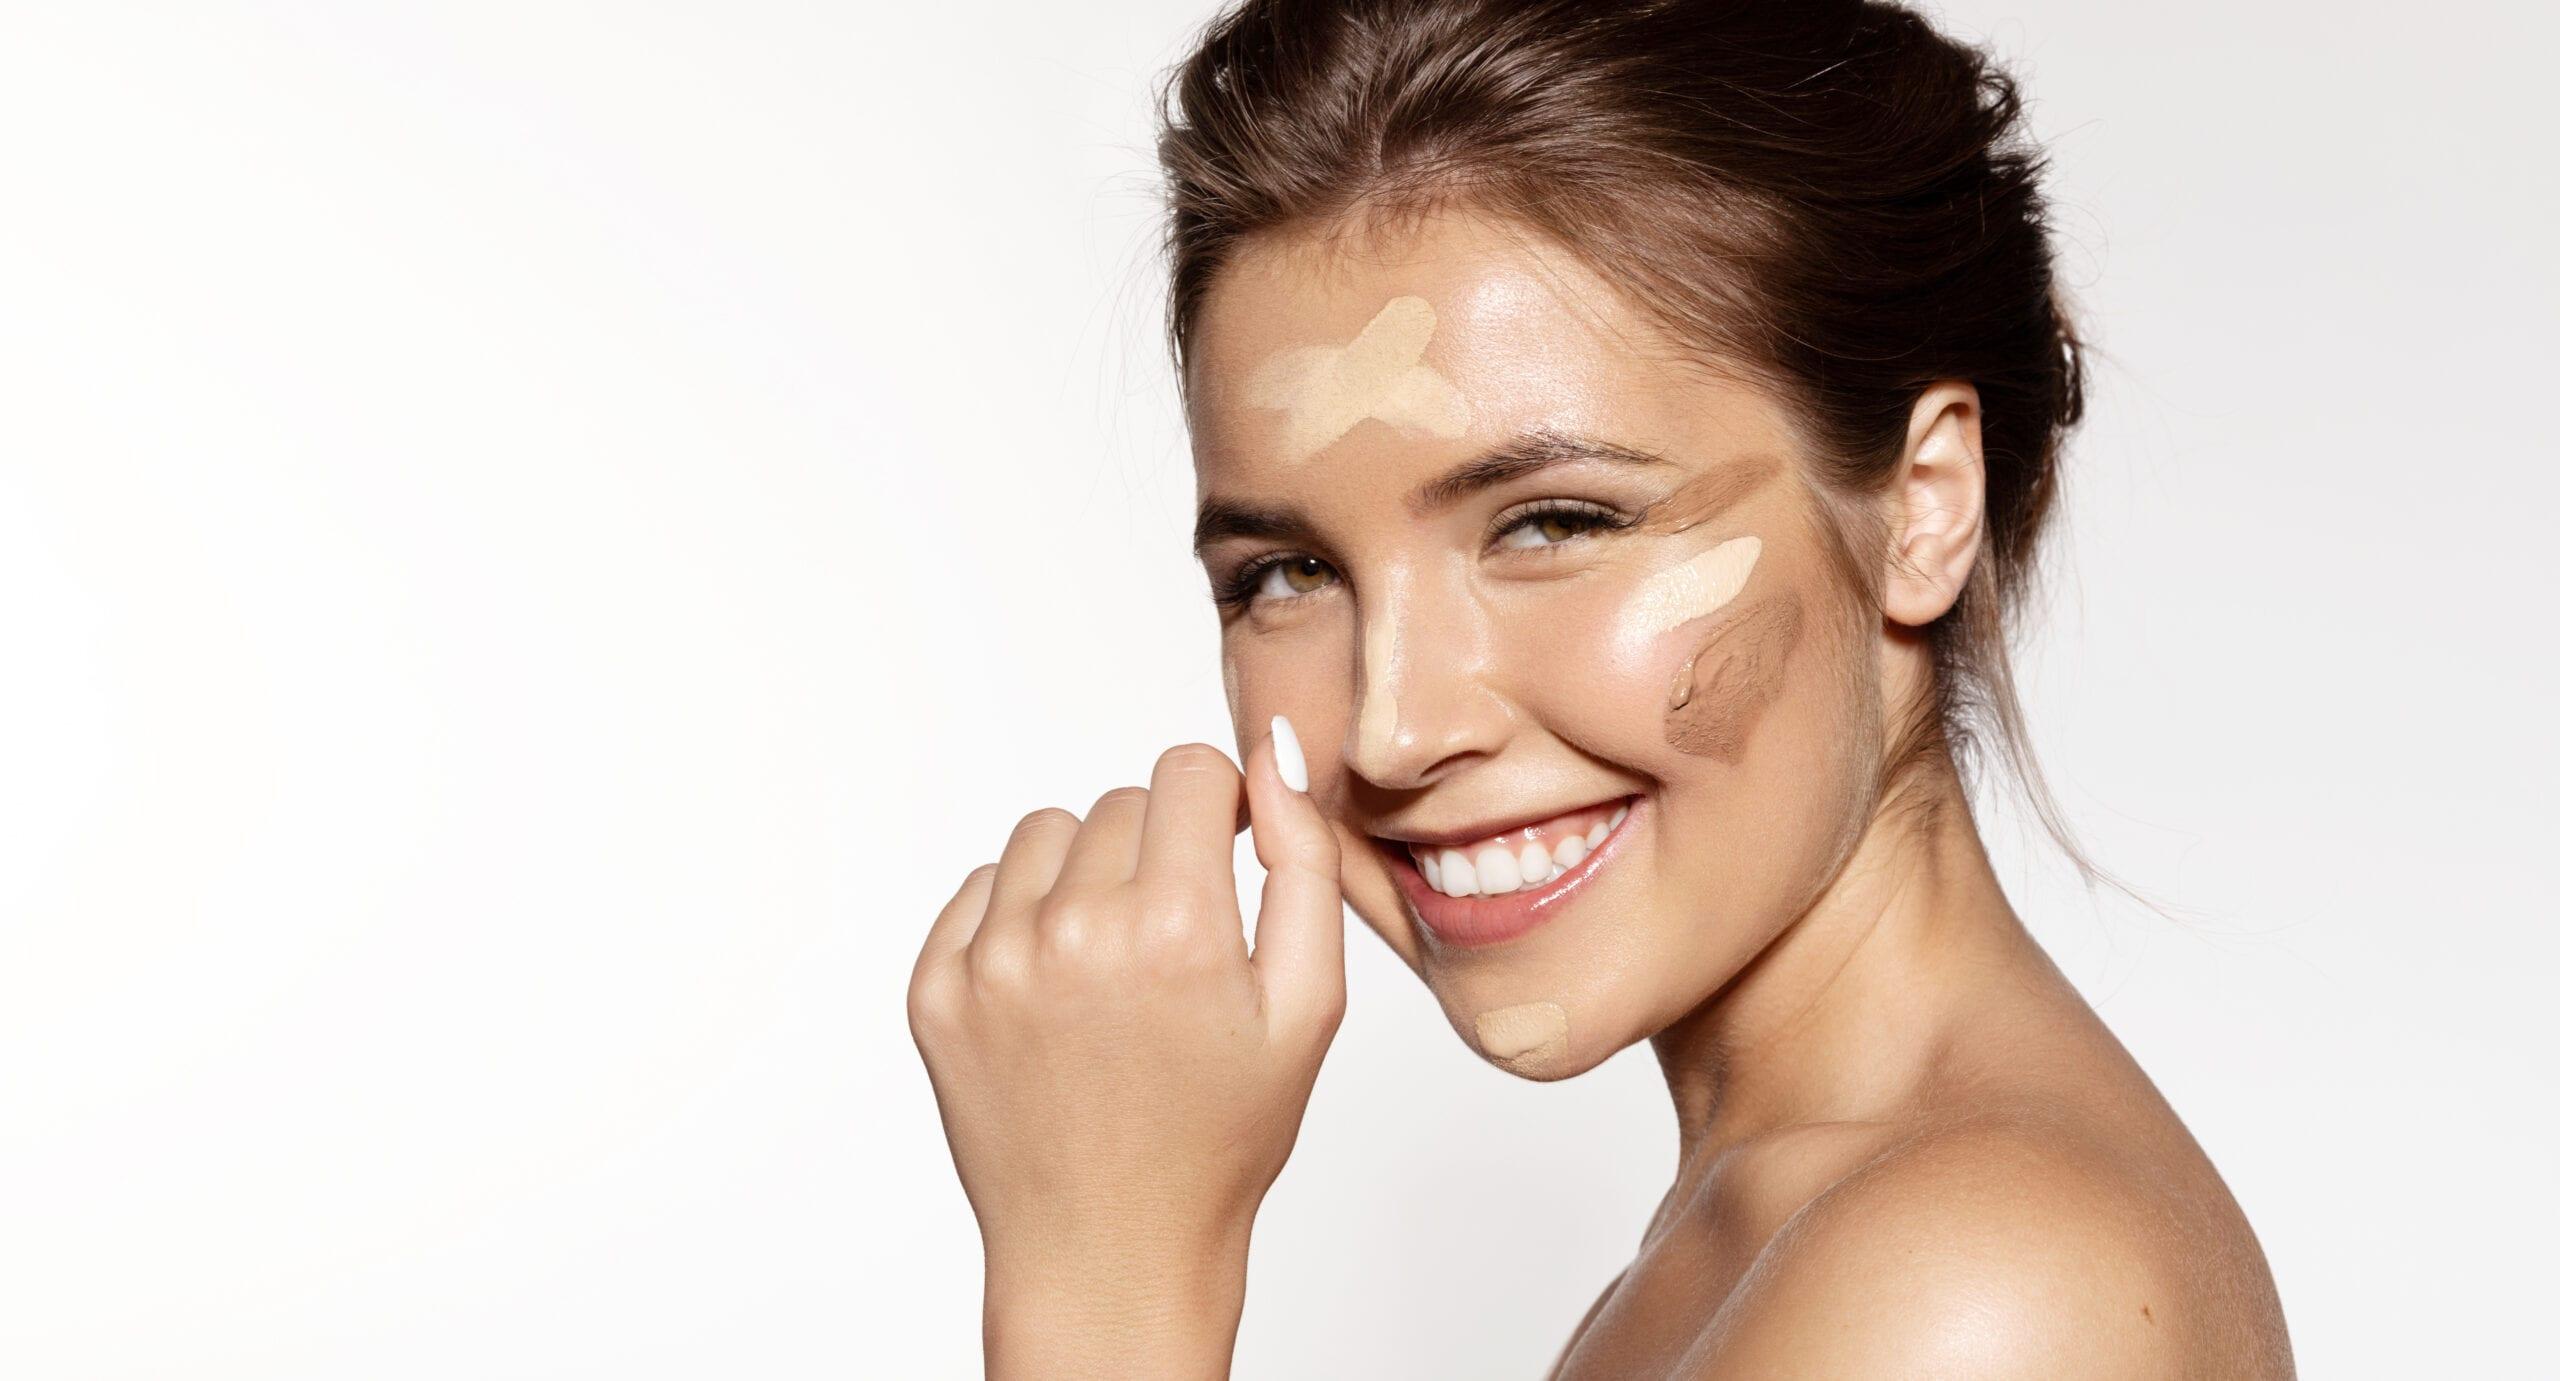 Bästa mattmakeup för fet hud